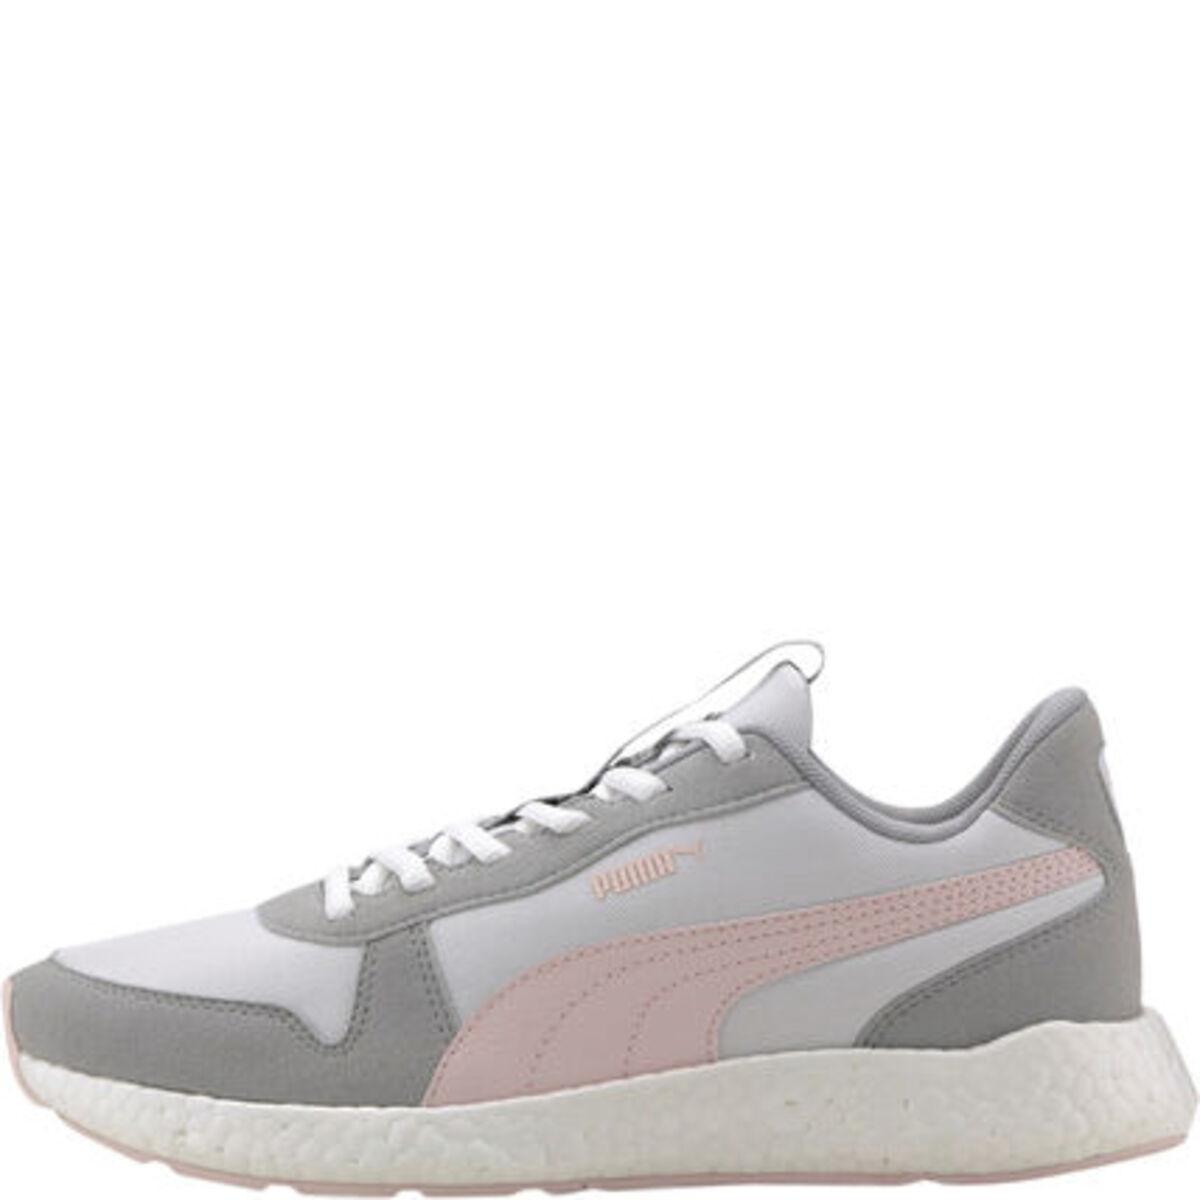 """Bild 3 von Puma Sneakers """"NRGY Neko Retro"""", Gummi-Laufsohle, für Damen"""